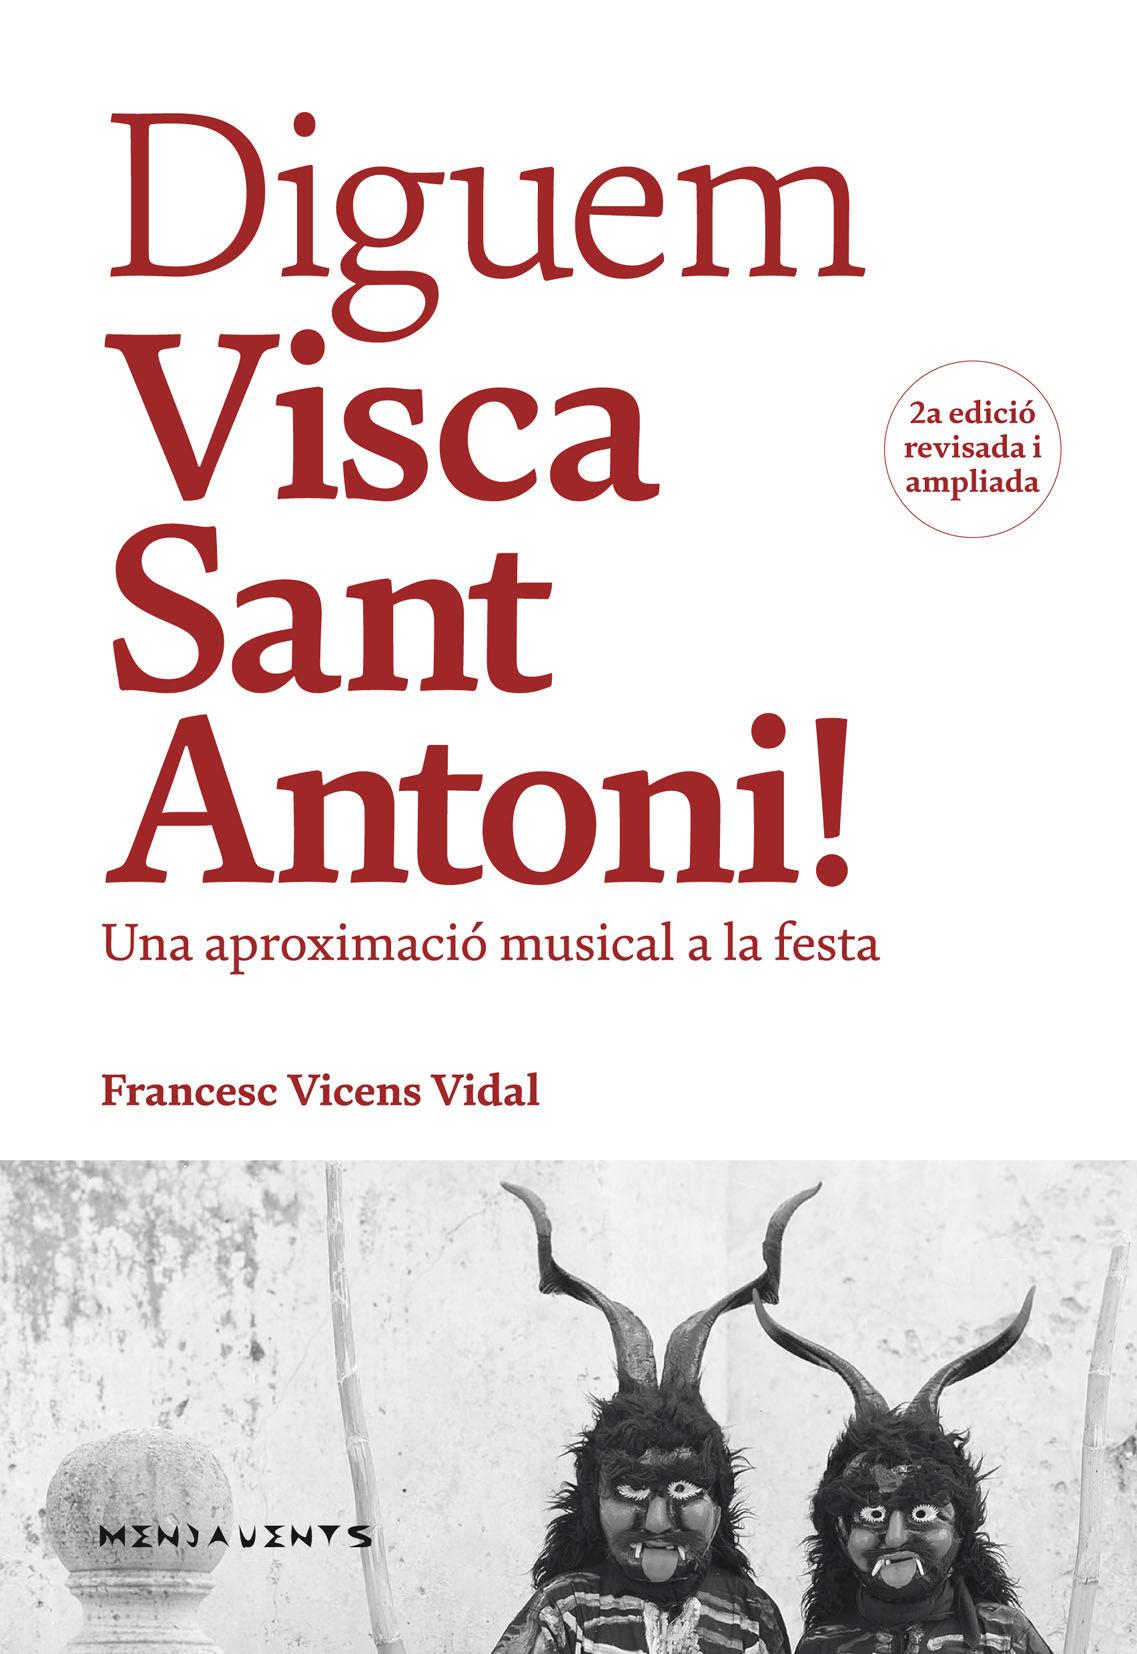 DIGUEM VISCA SANT ANTONI!